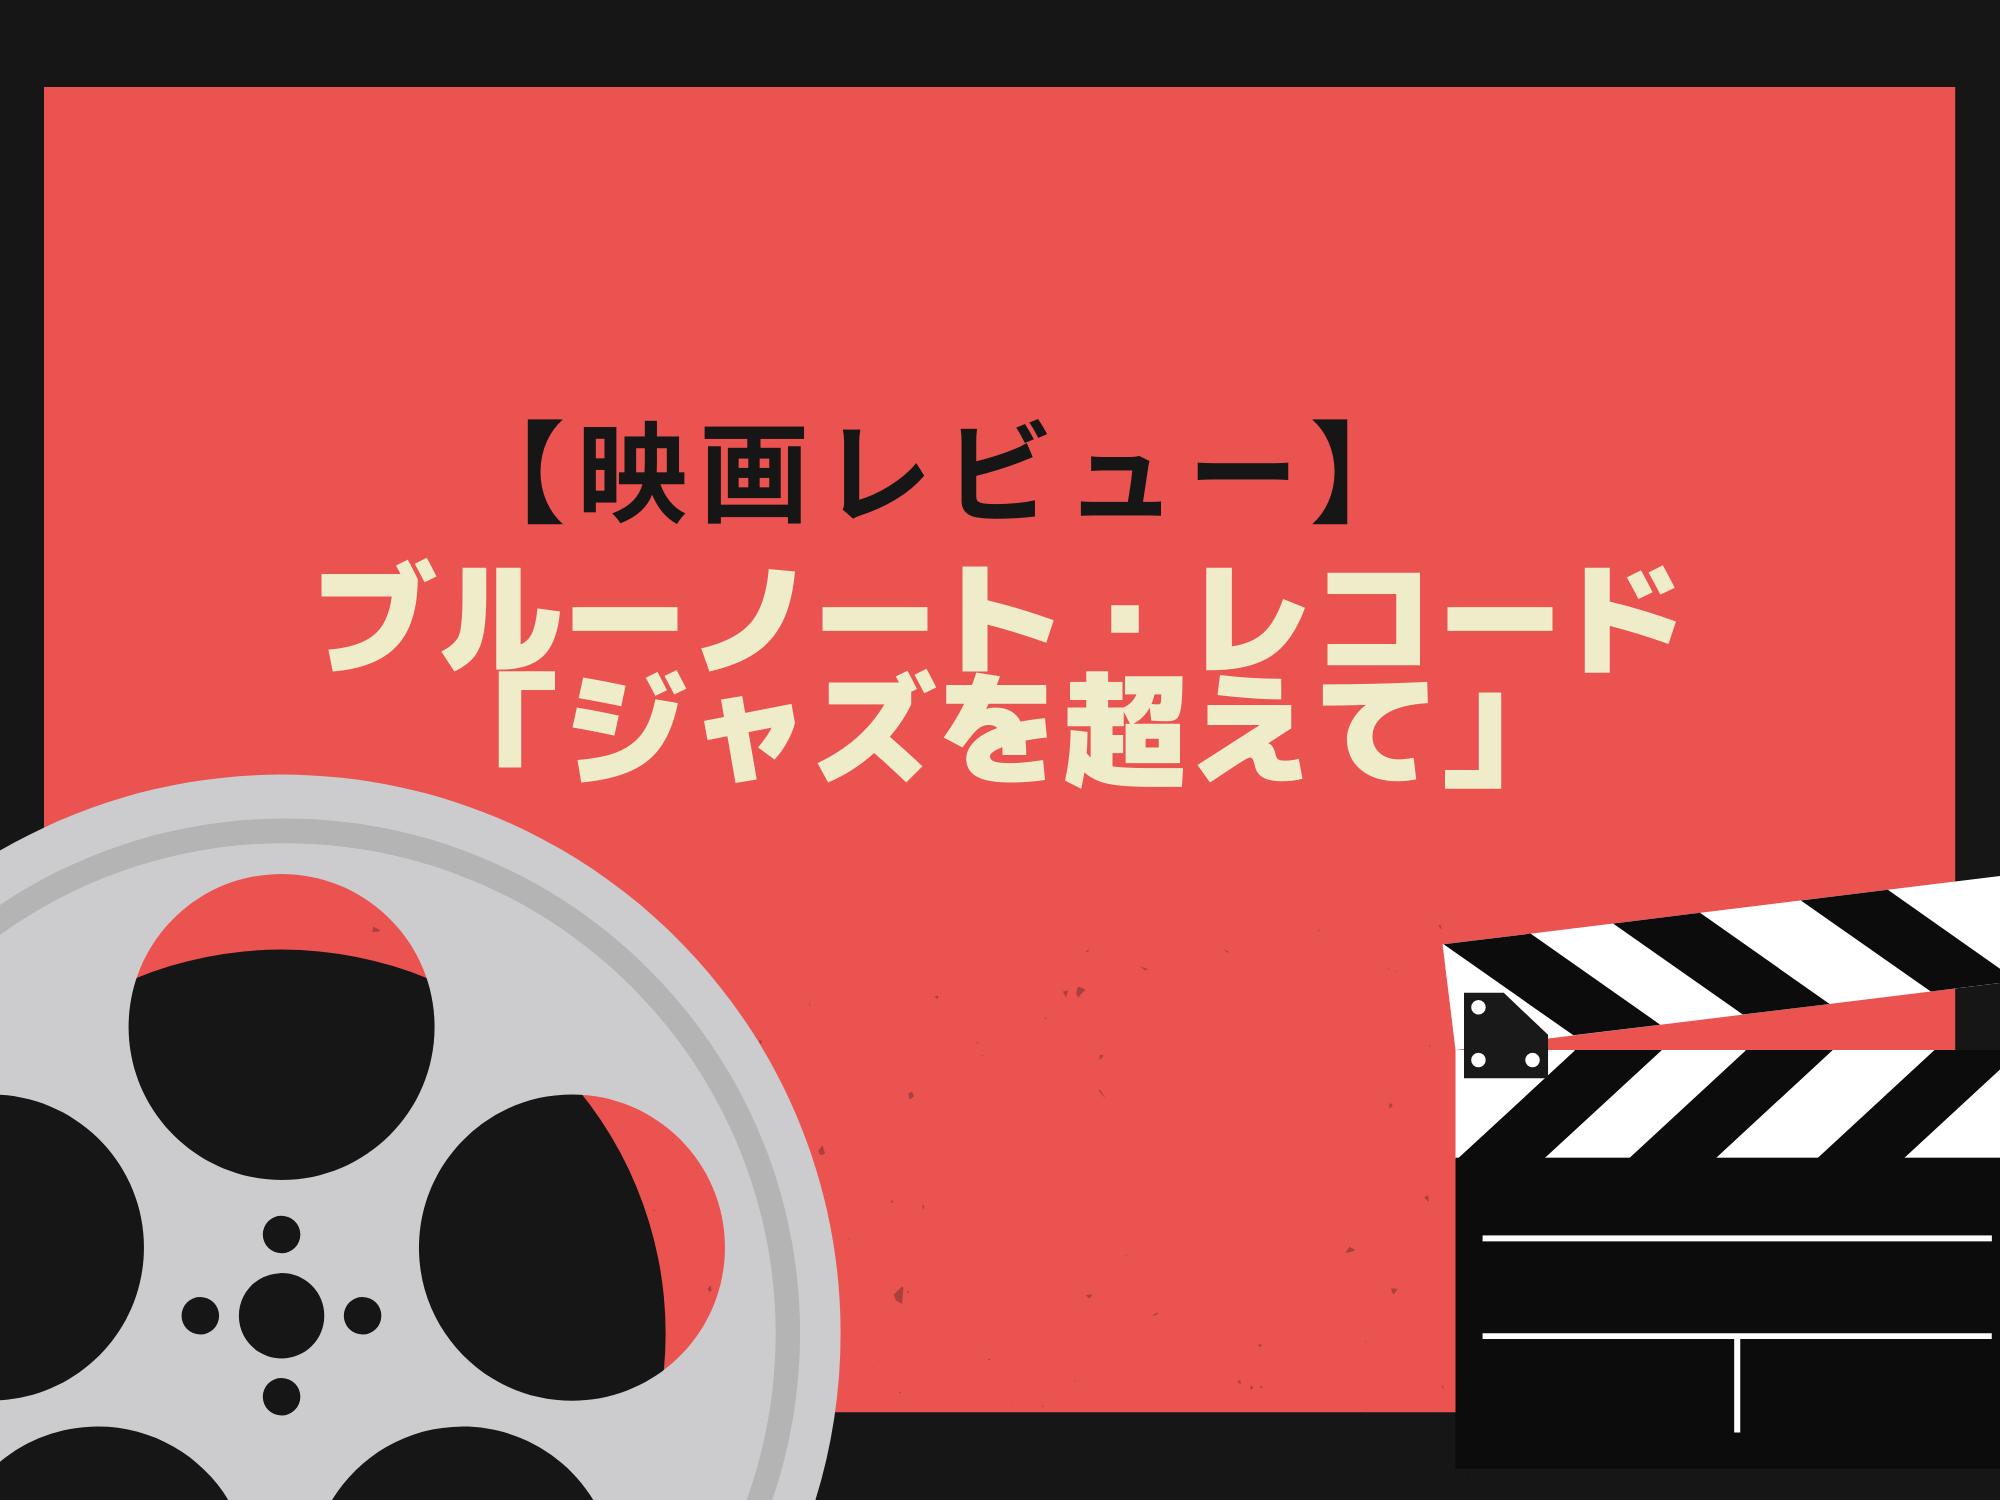 【映画レビュー】ブルーノート・レコード「ジャズを超えて」